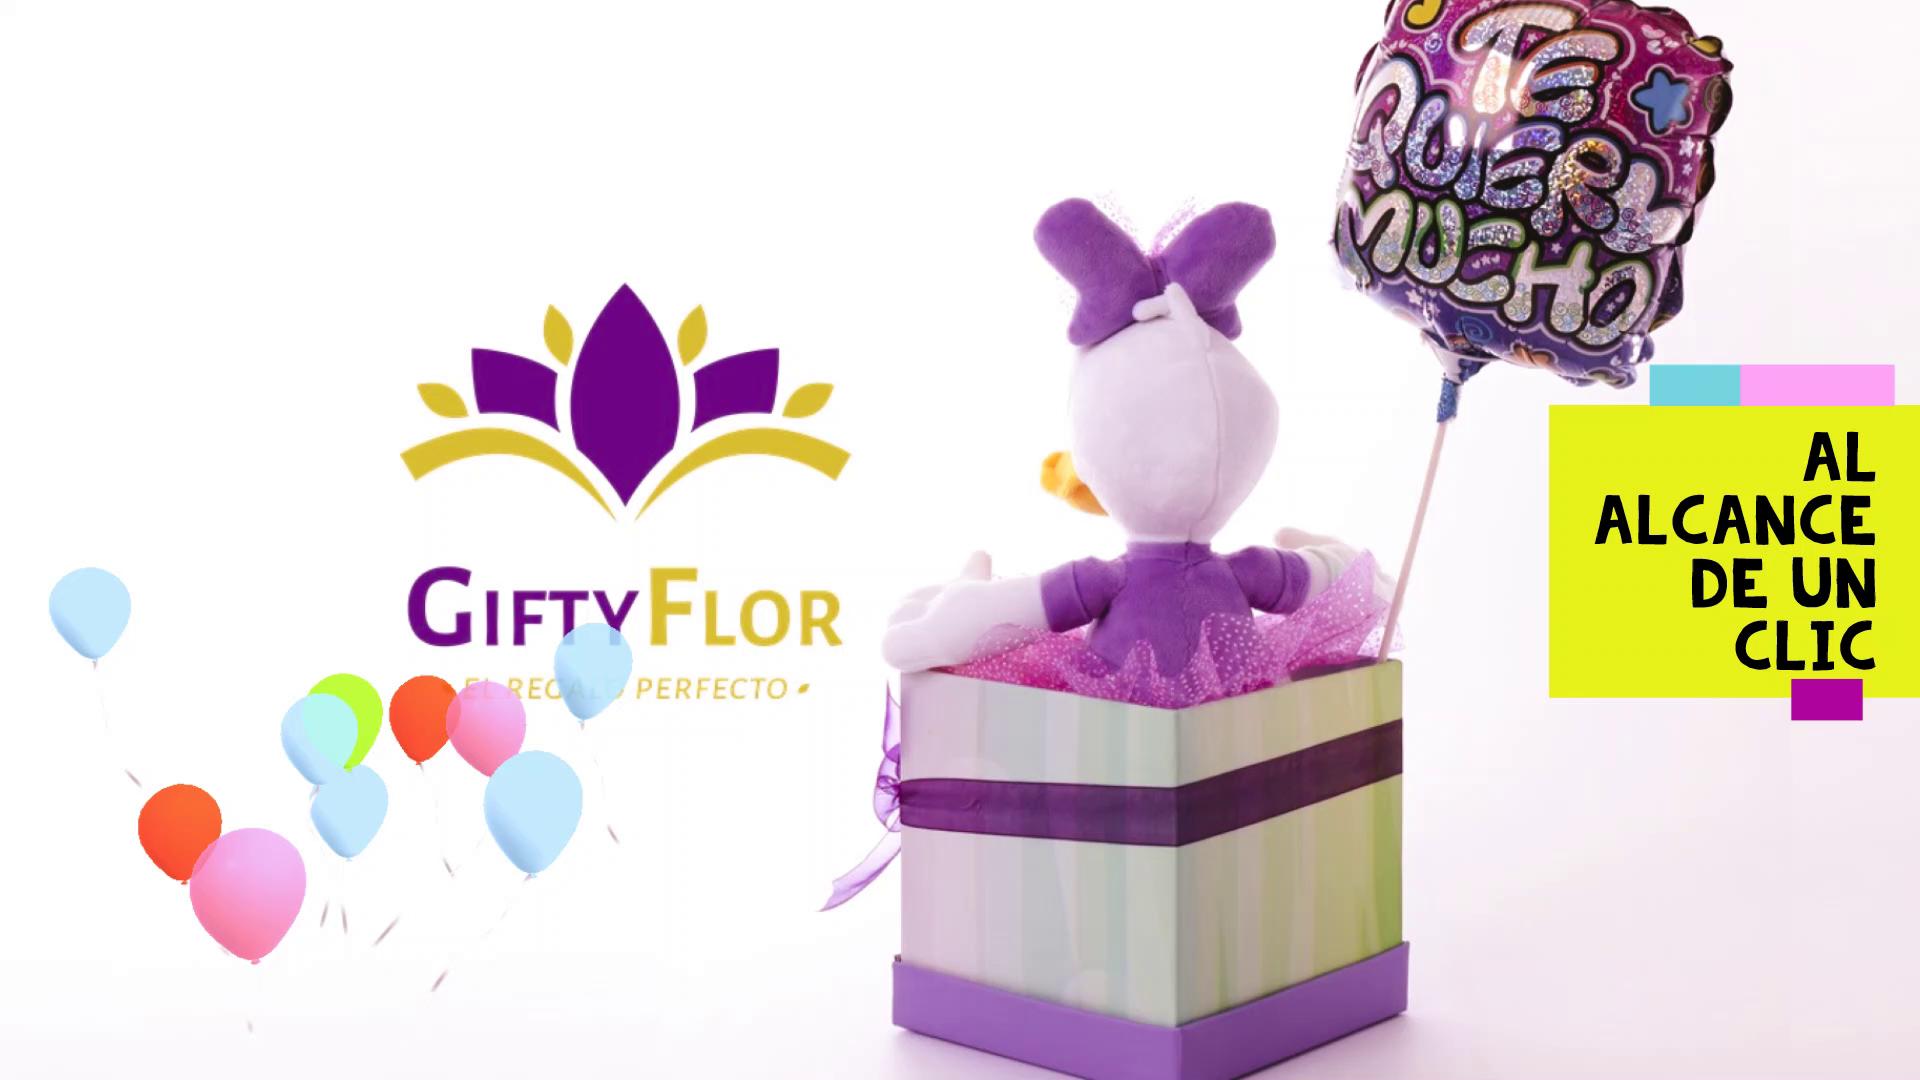 Giftyflor Tienda de Flores y Regalos en Lima